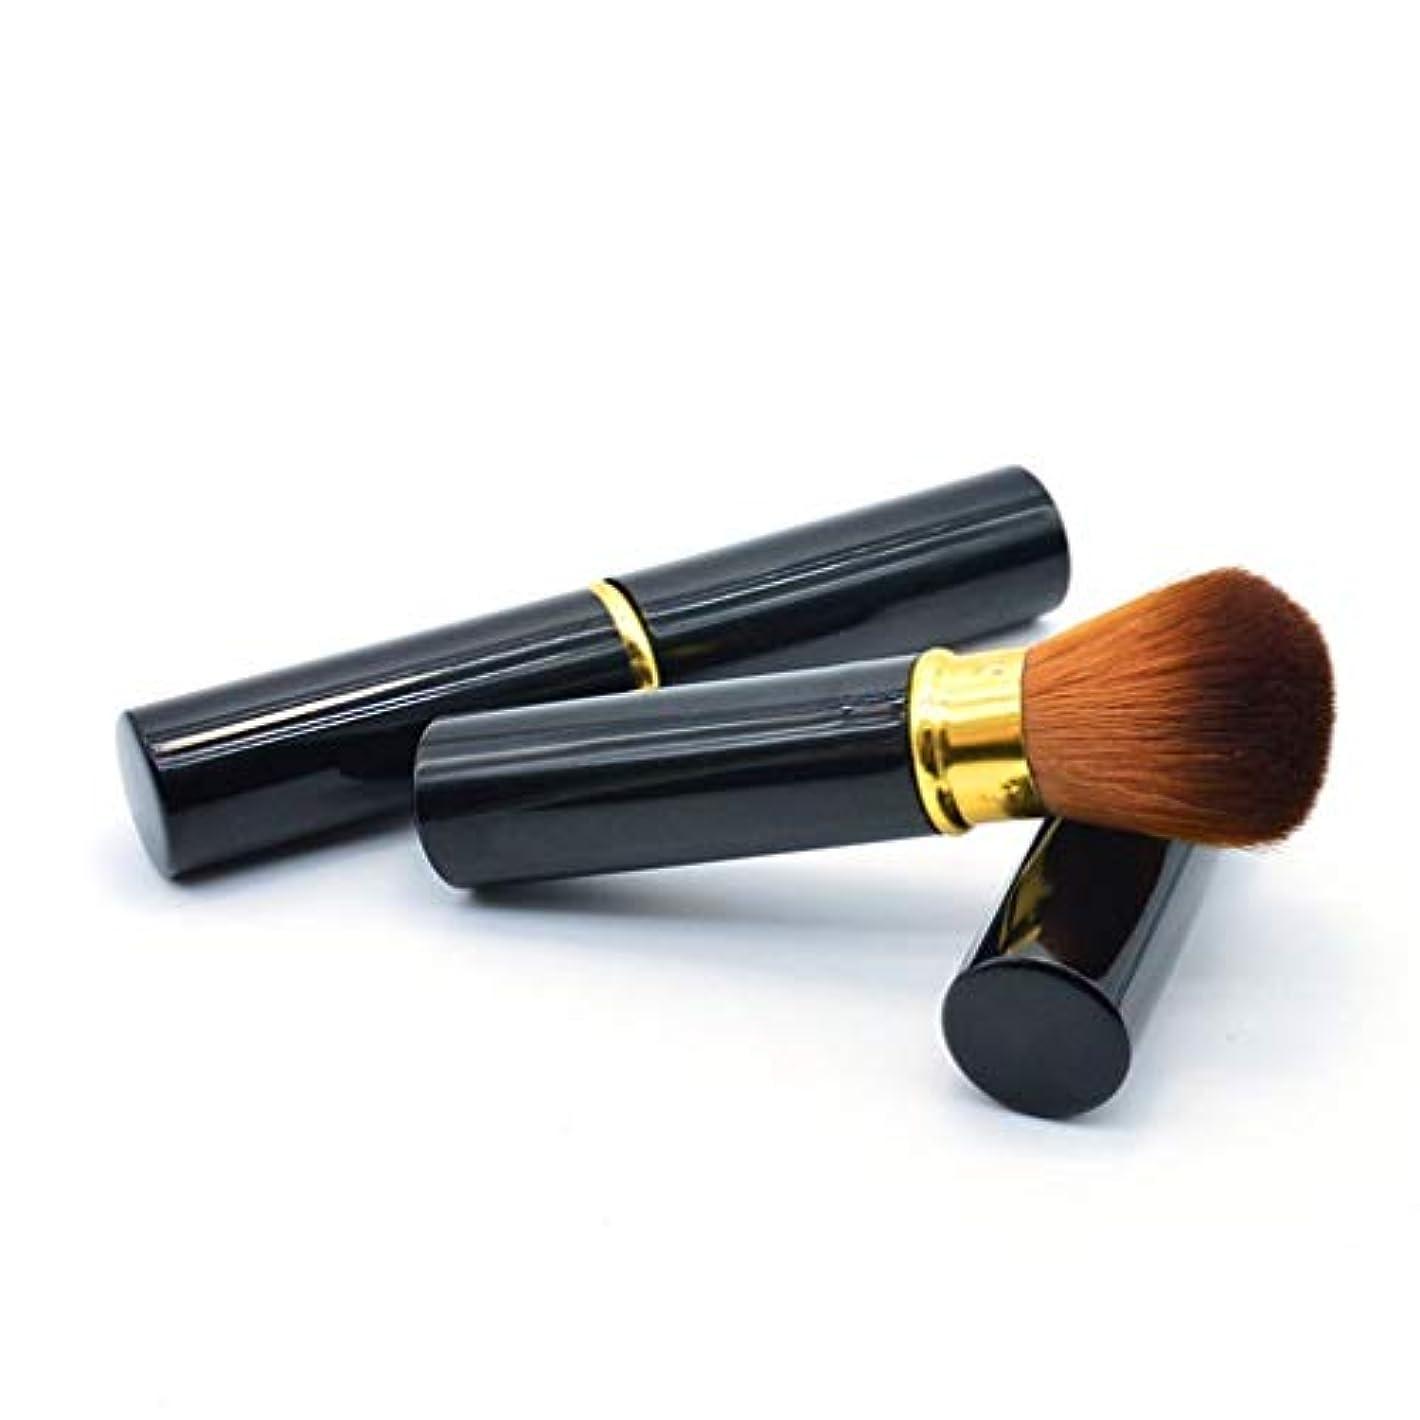 手首センチメンタル分散メイクアップブラシファンデーションメイクアップリキッド、クリーム、または完璧なパウダー化粧品 - バフ、点描、コンシーラー - 上質な合成稠密剛毛